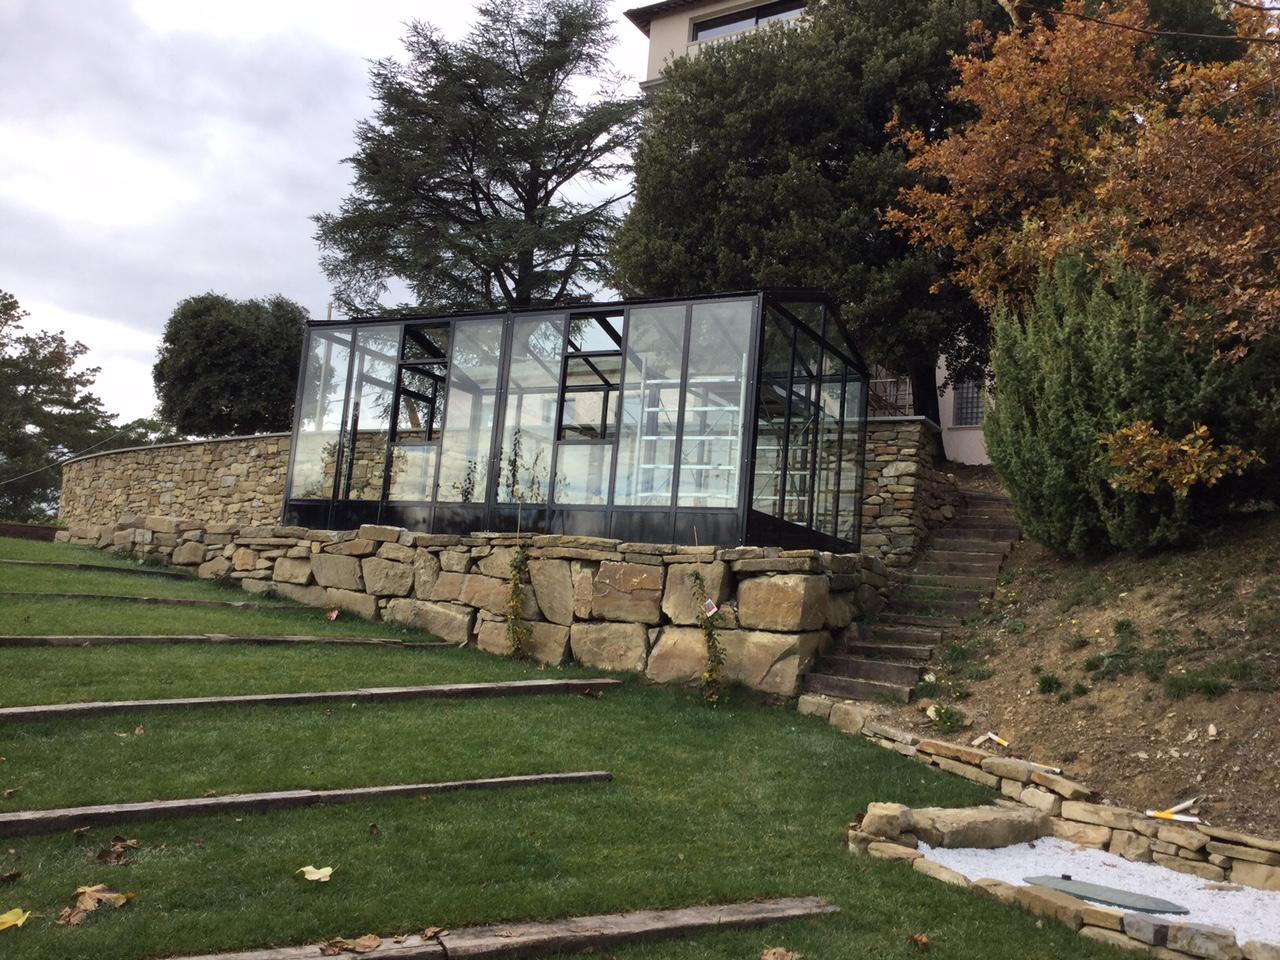 I nostri lavori giardino d 39 inverno e serra sopra il muro - Giardino d abruzzo ...